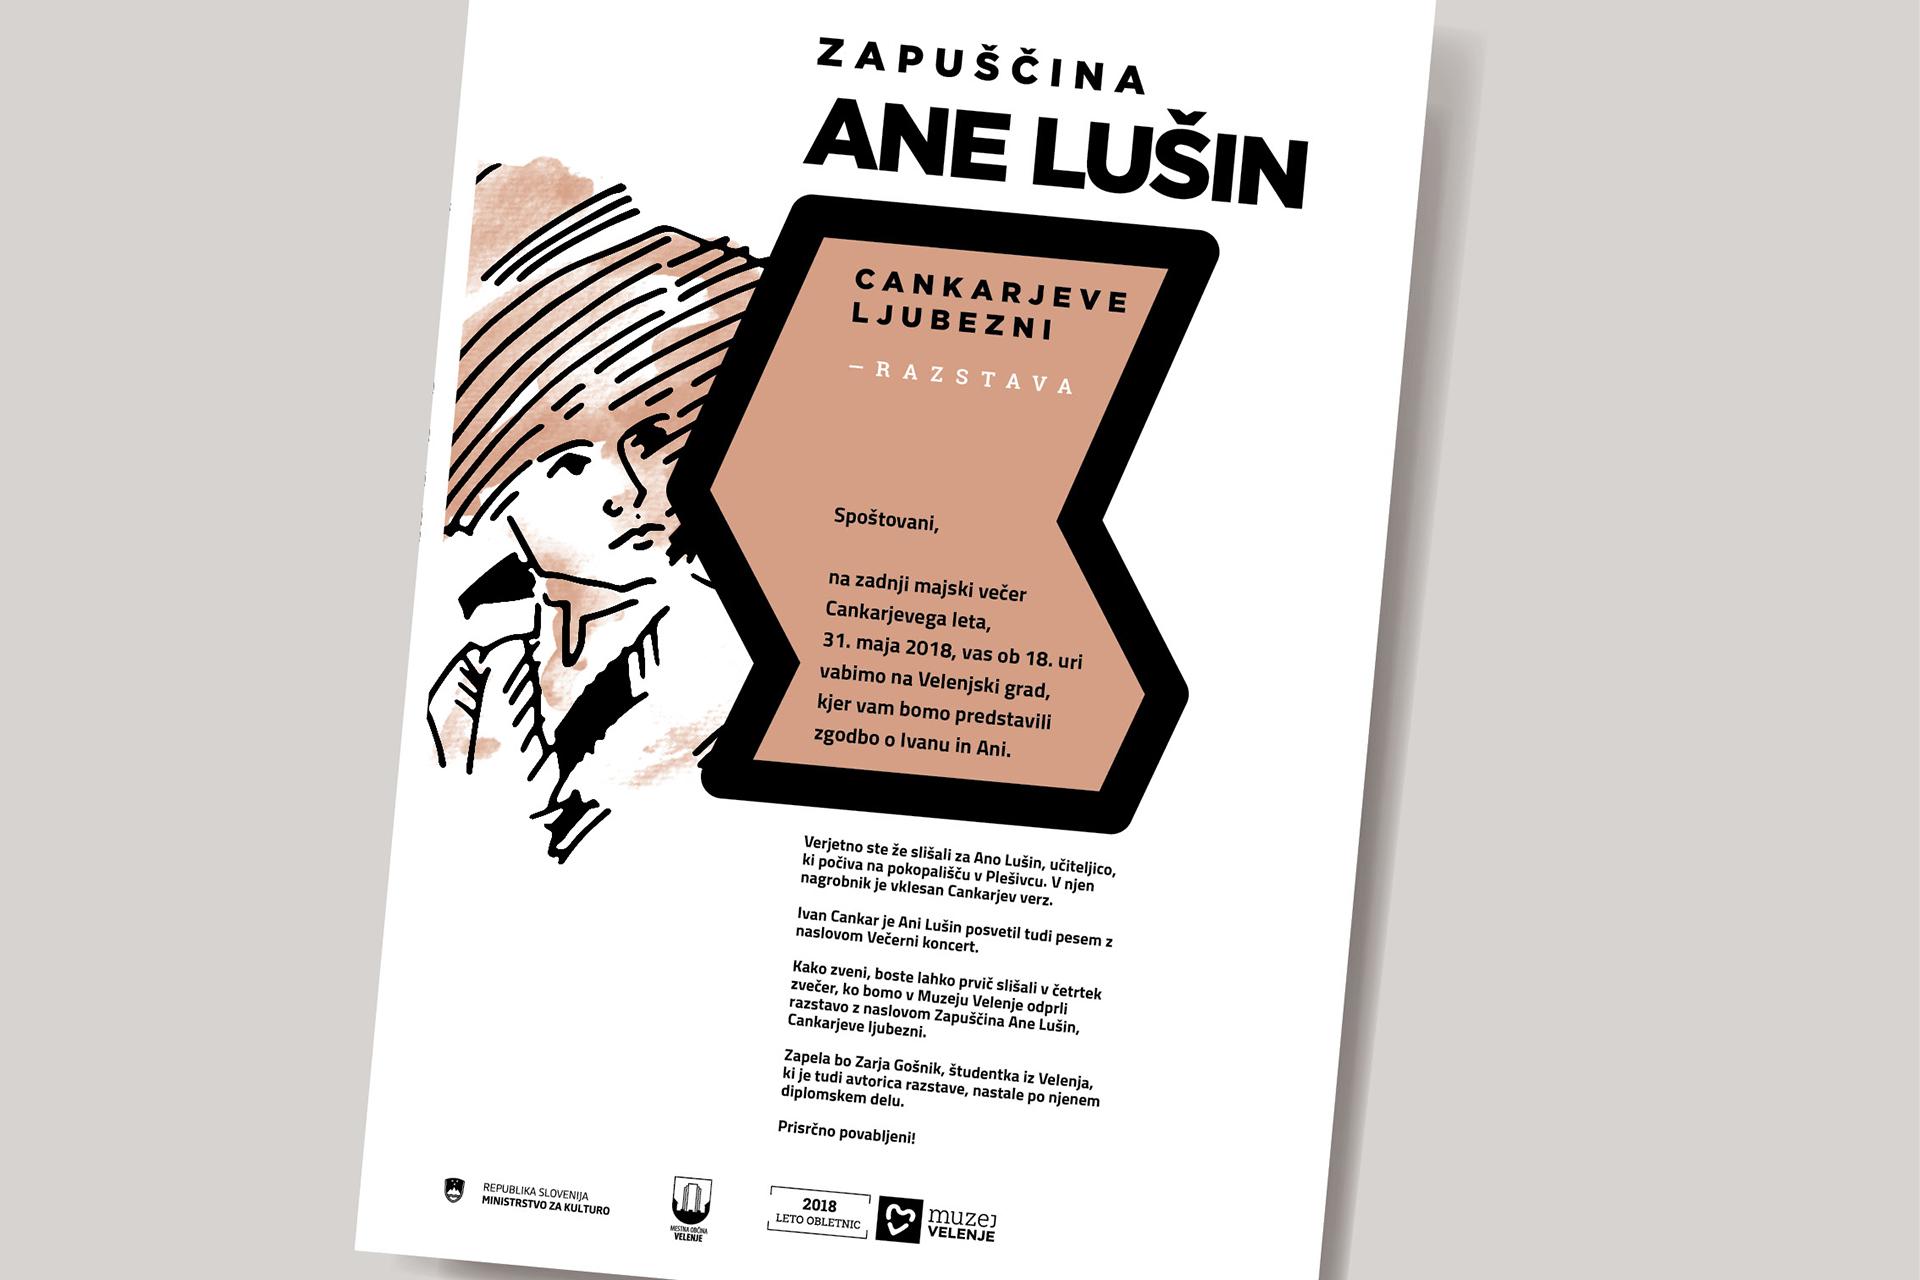 razstava_cankarjeva_ljubezen_ana_lusin_muzej_velenje_ma-ma_marko_marinsek_18